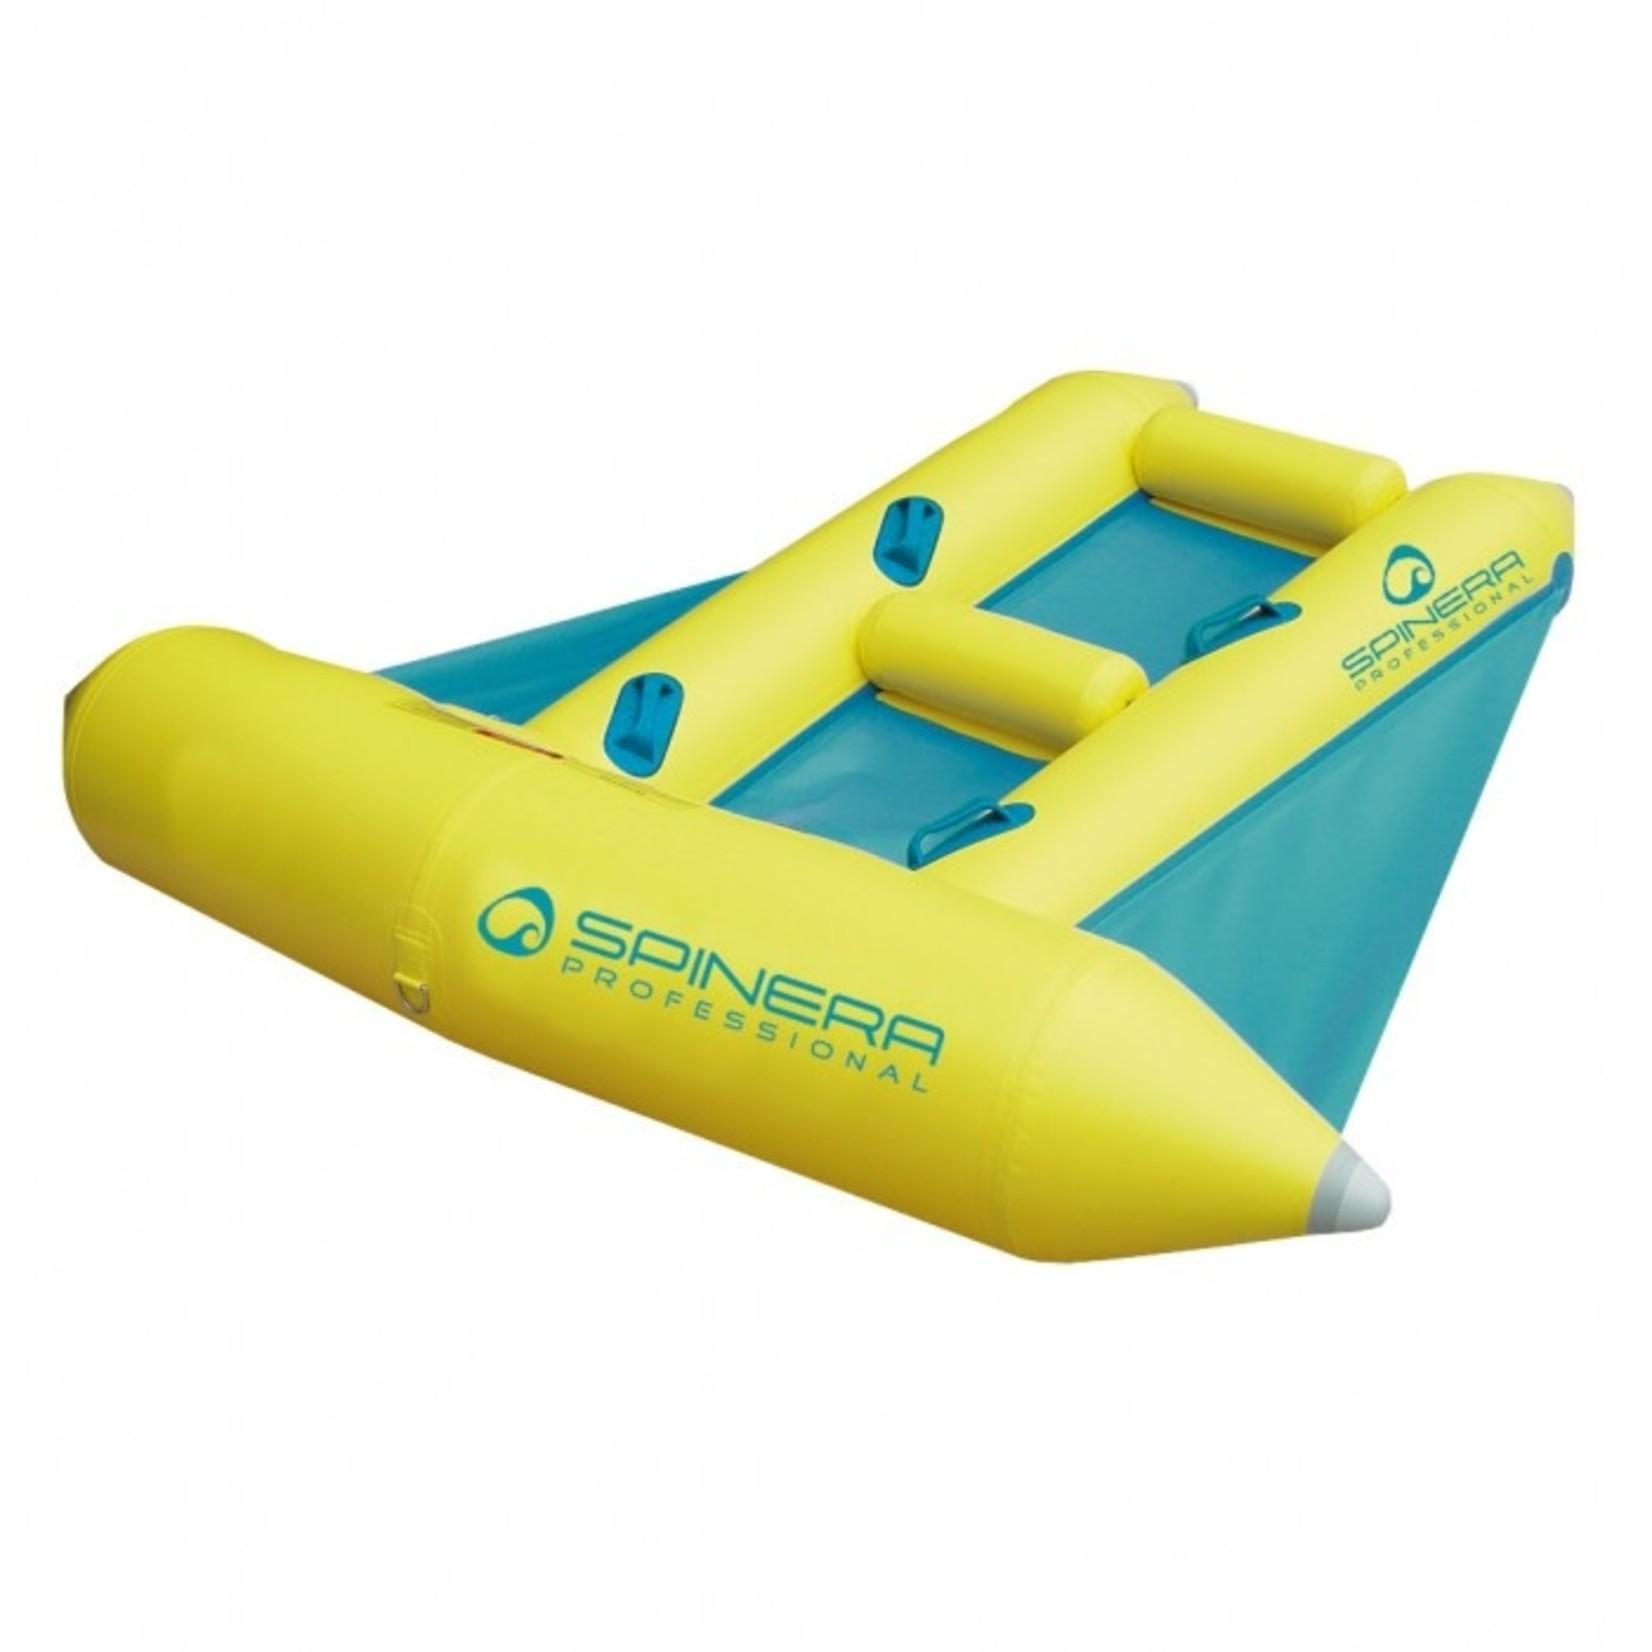 Spinera Professional Water Glider 2 - Vliegende banaan